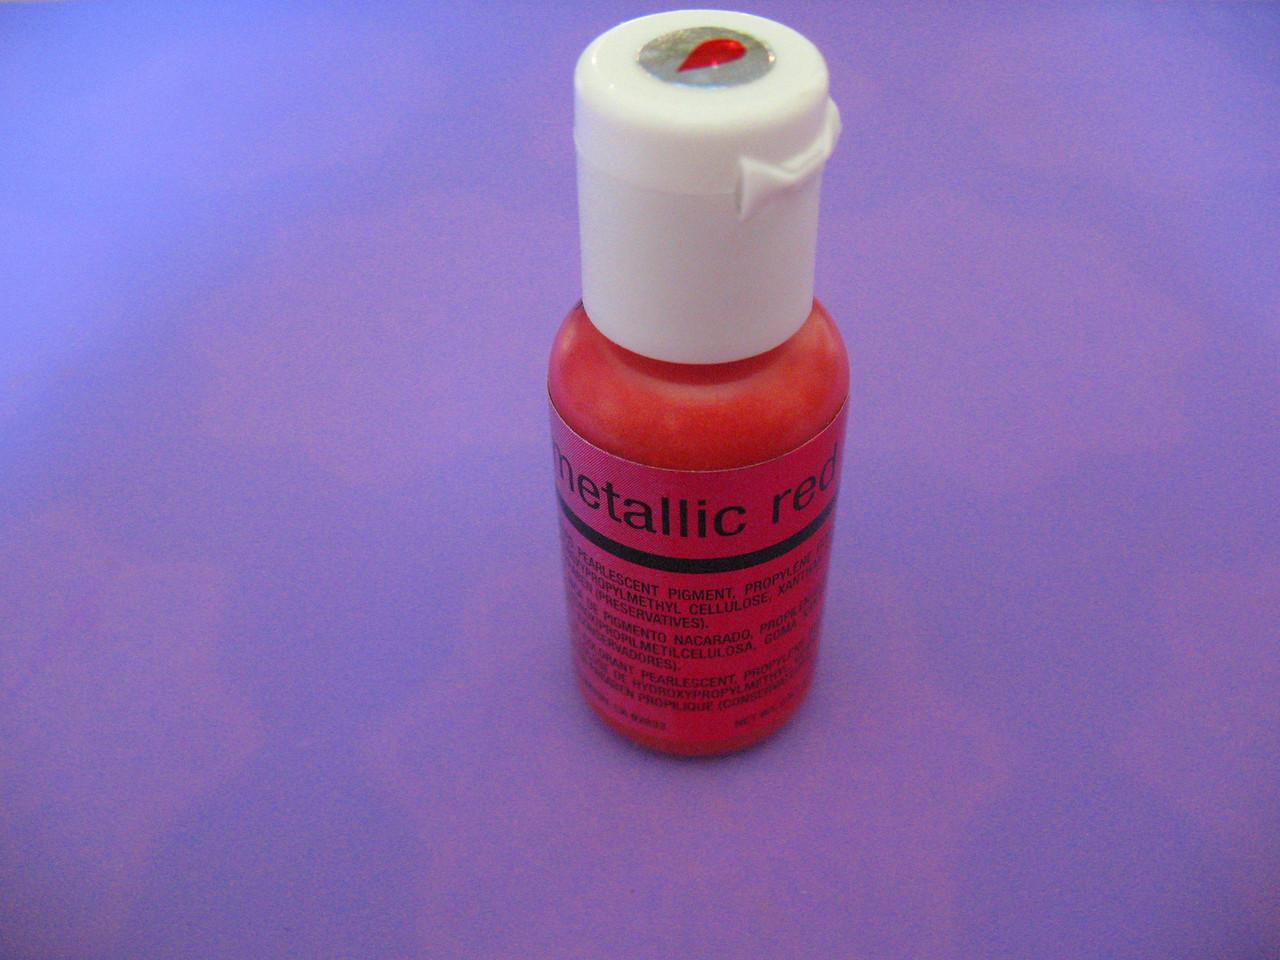 Гелевый краситель Chefmaster перламутровый красный (metallic red) 19 грамм